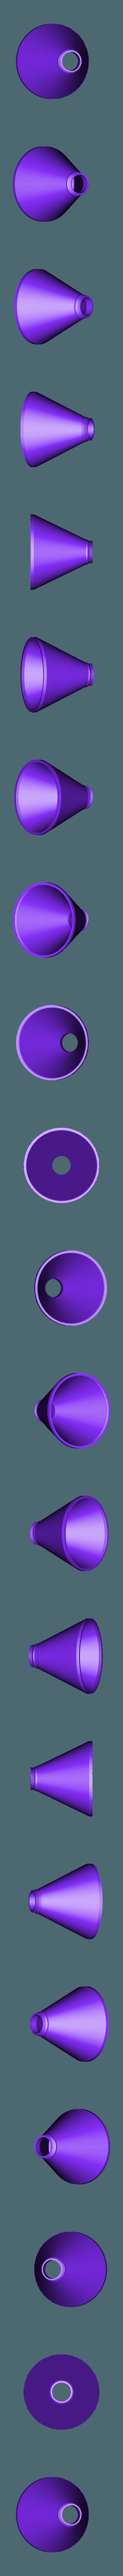 soclehaut_cubify_v_v.stl Download STL file speaker stand or other • 3D printing template, Seb0031